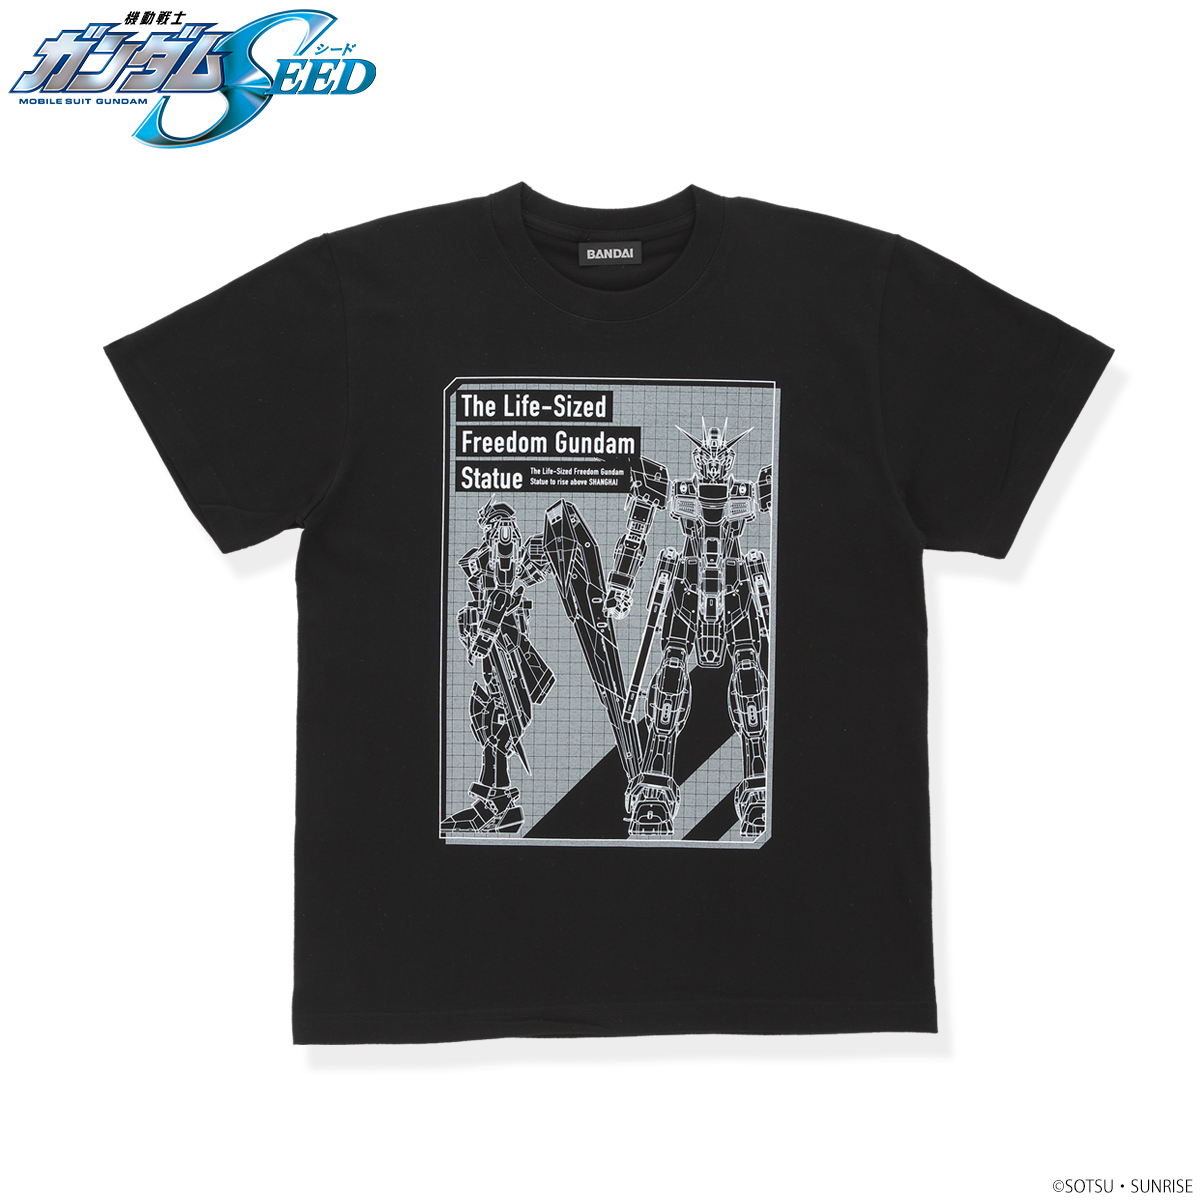 Life-sized Freedom Gundam T-shirt—Mobile Suit Gundam SEED